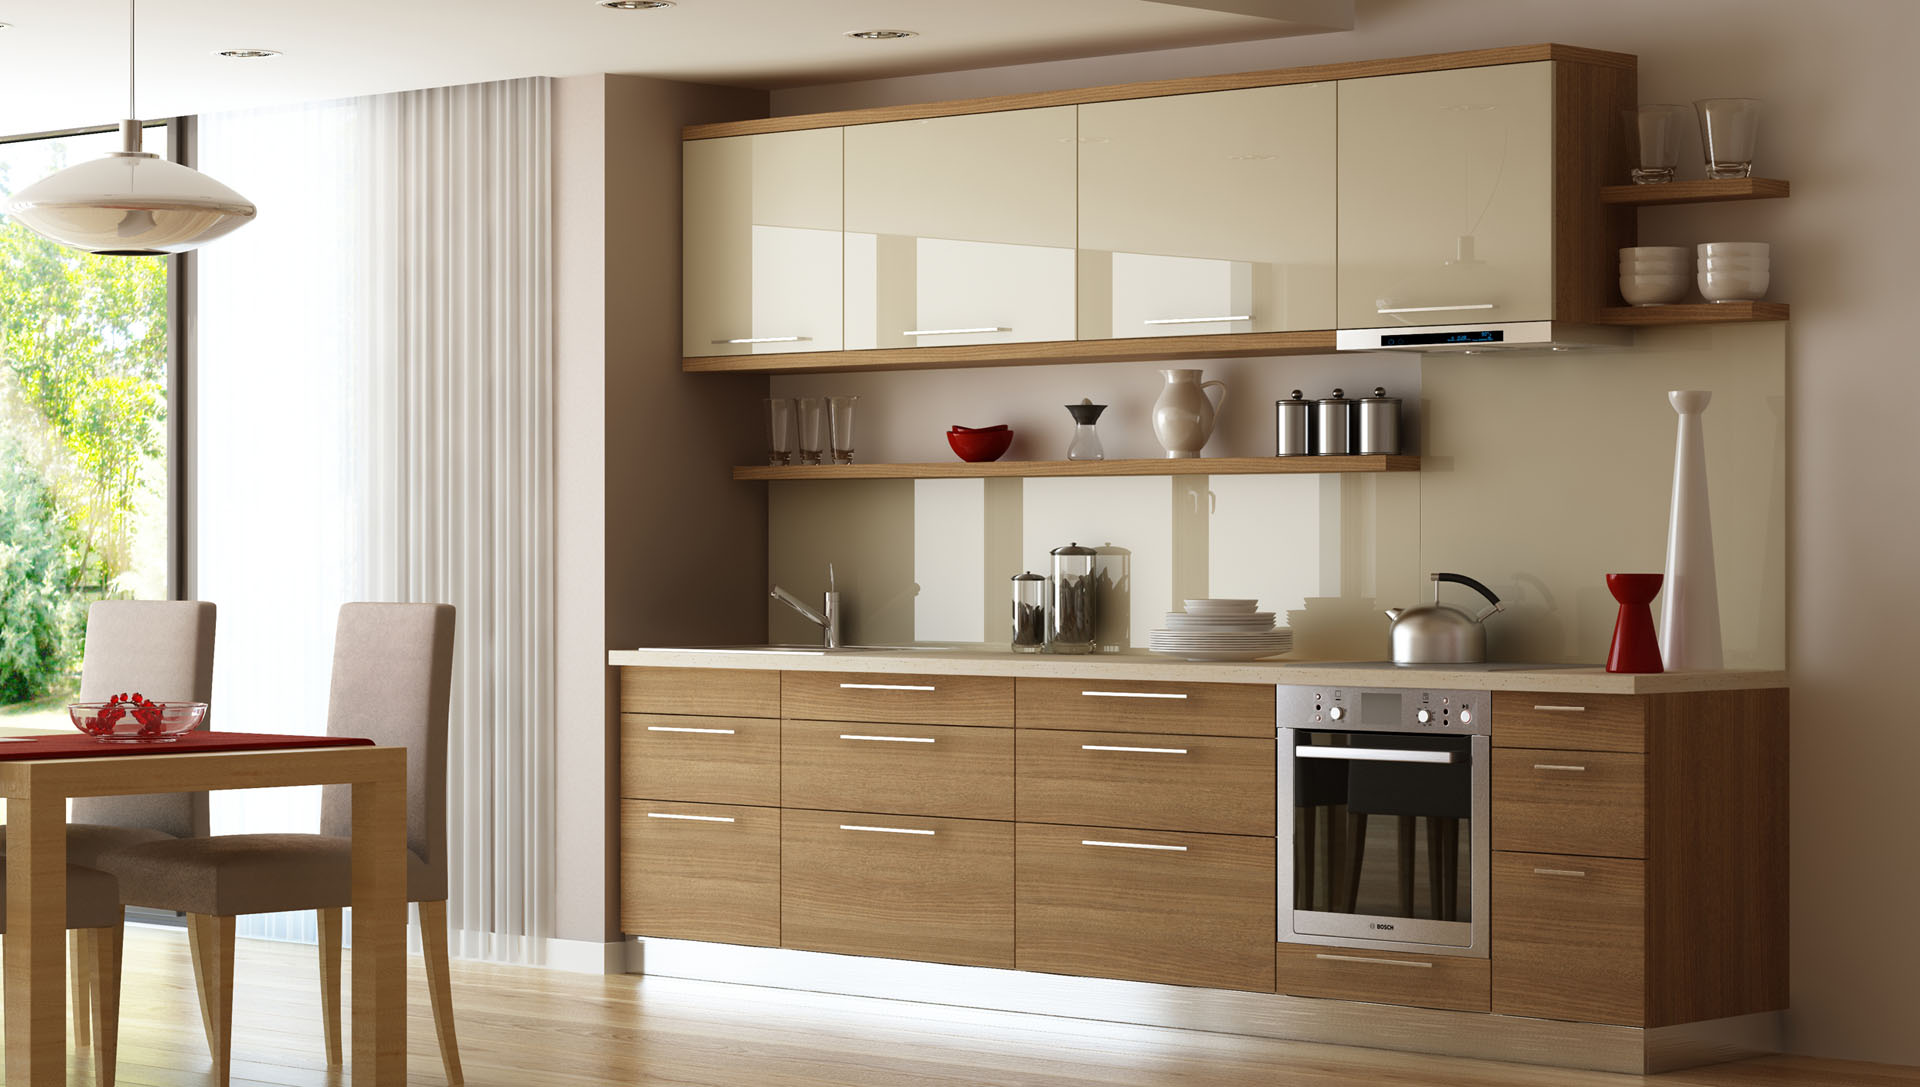 meble kuchenne kam studio sobieniejeziory